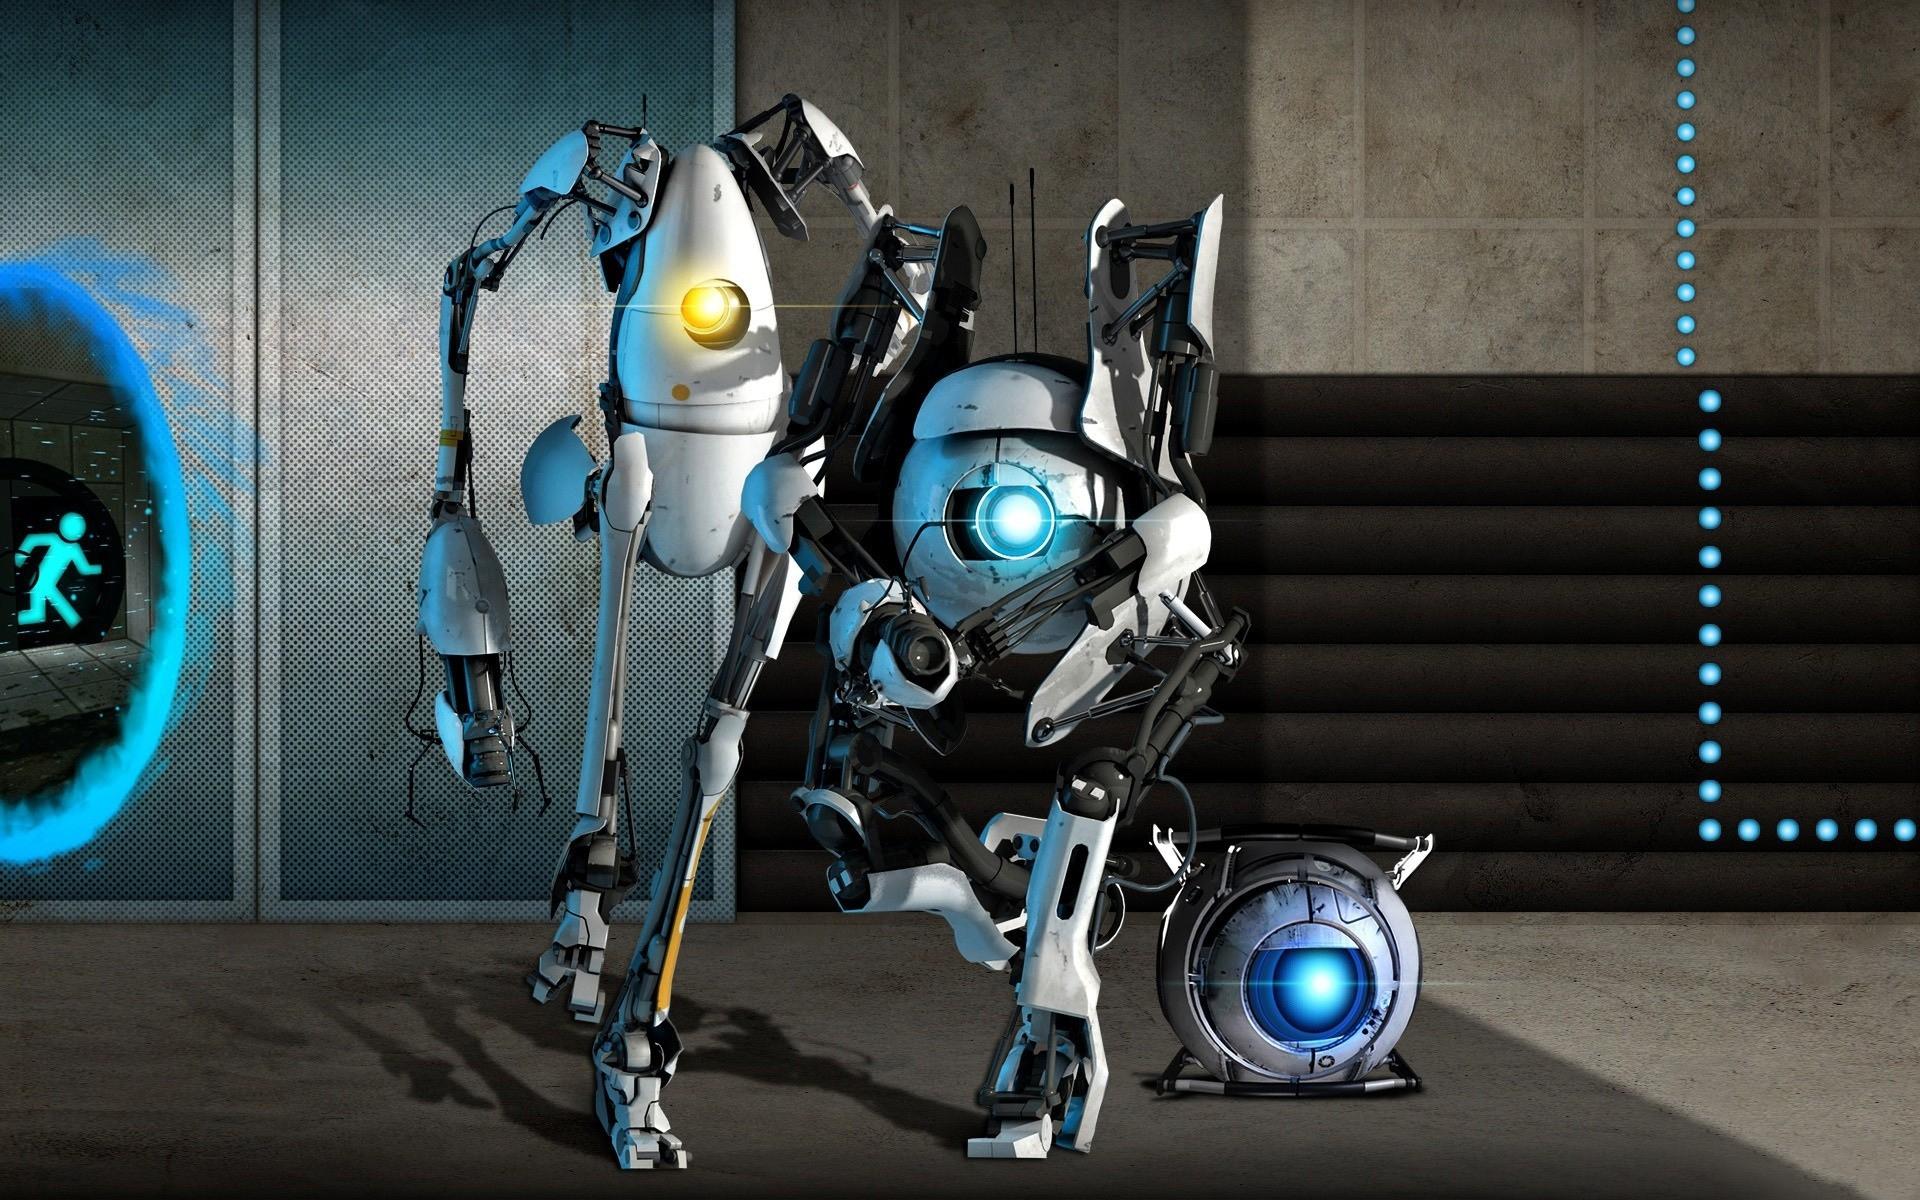 Картинки Портал 2, роботы, свет, стена, дверь фото и обои на рабочий стол